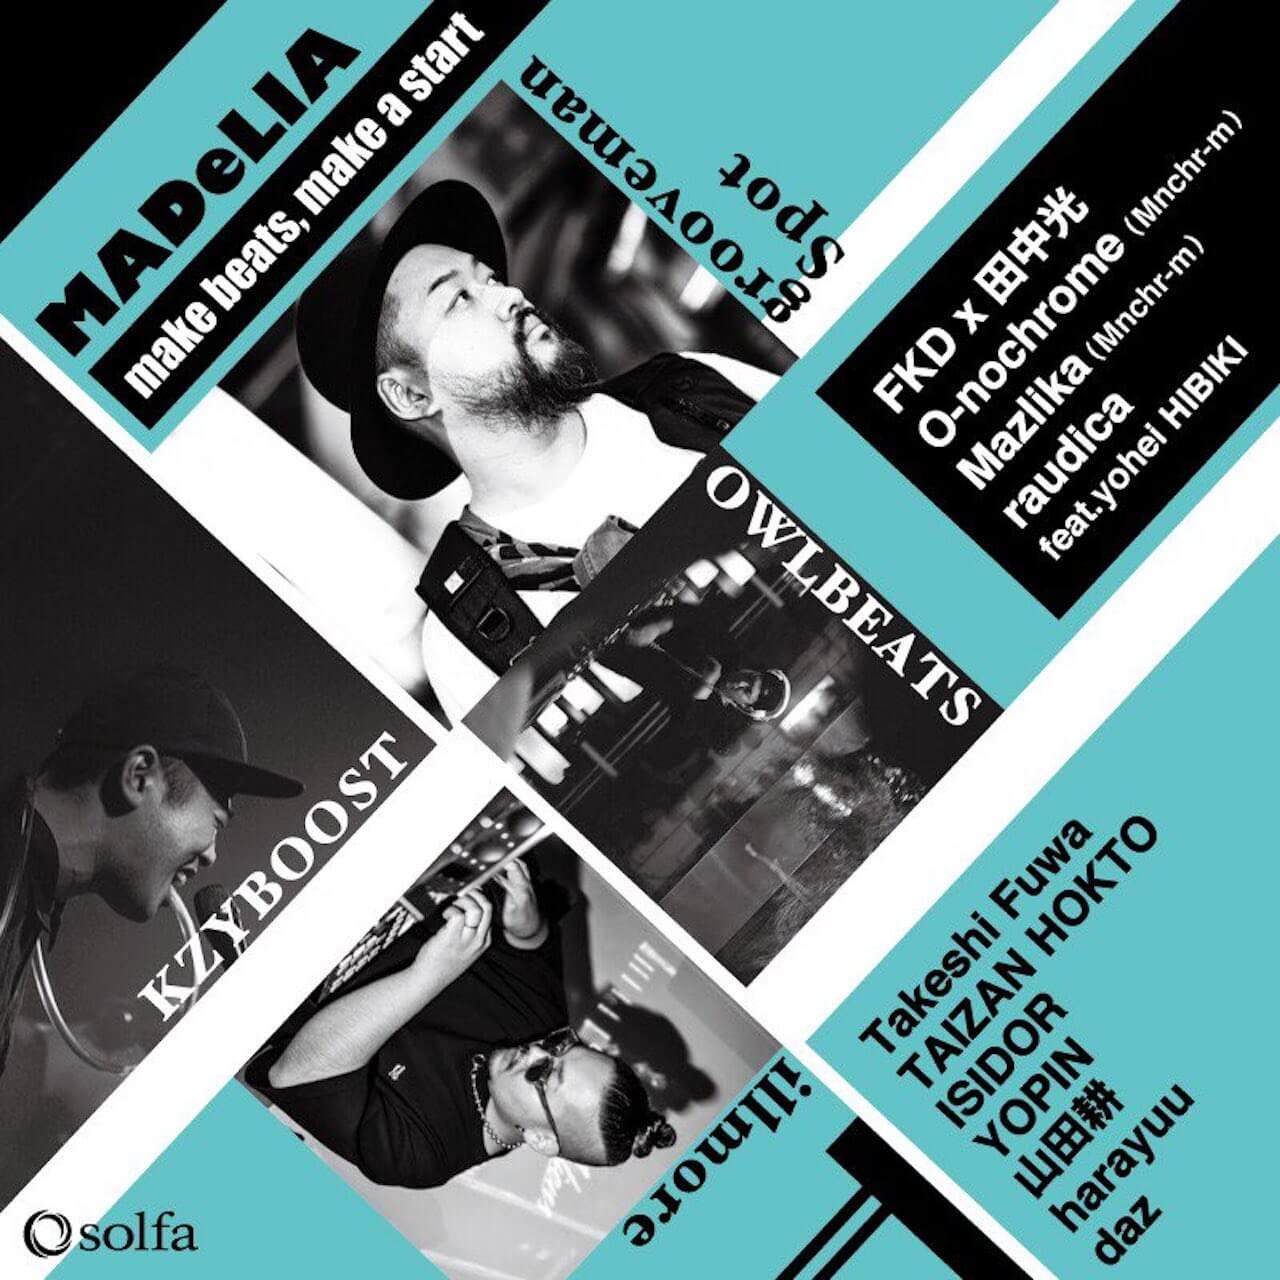 中目黒solfaで開催予定だったビートミュージックの祭典<MADeLIA>から出演アーティストによるコンピがリリース|grooveman Spot、illmore、OWLBEATSらのビートが収録 music200426-madelia-1